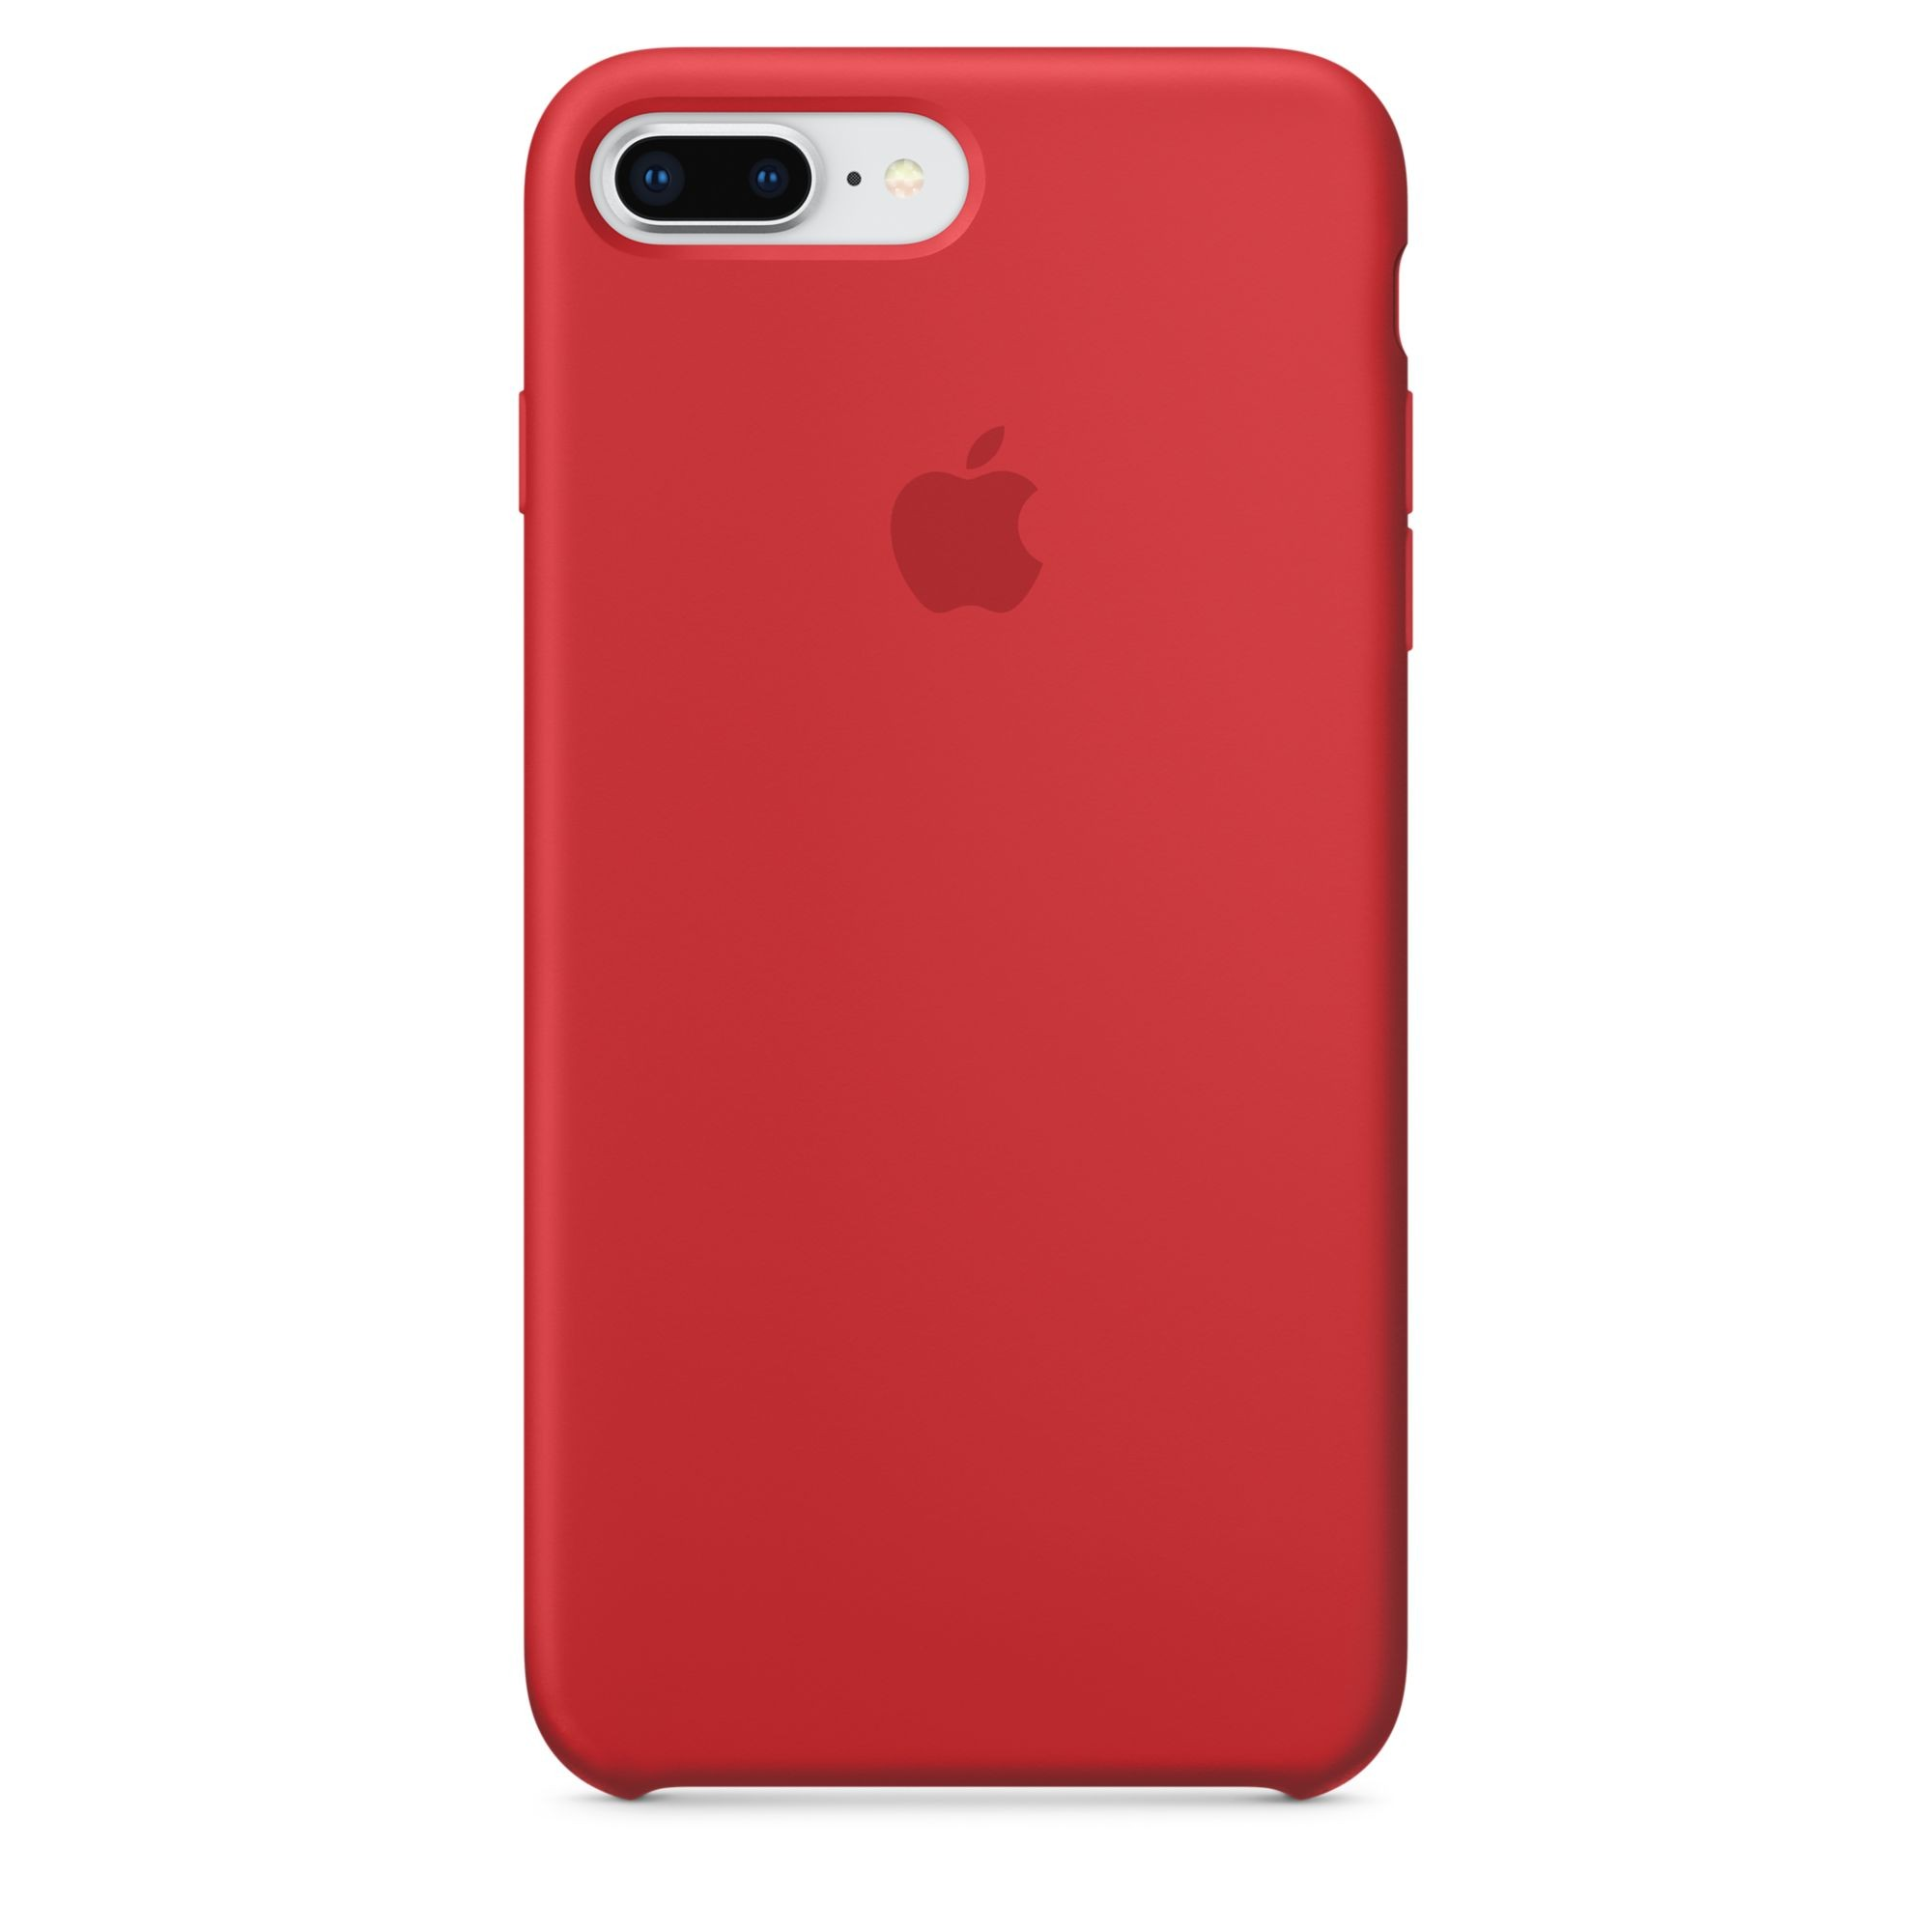 Apple silikonový kryt na iPhone 8 Plus / 7 Plus – (PRODUCT)RED